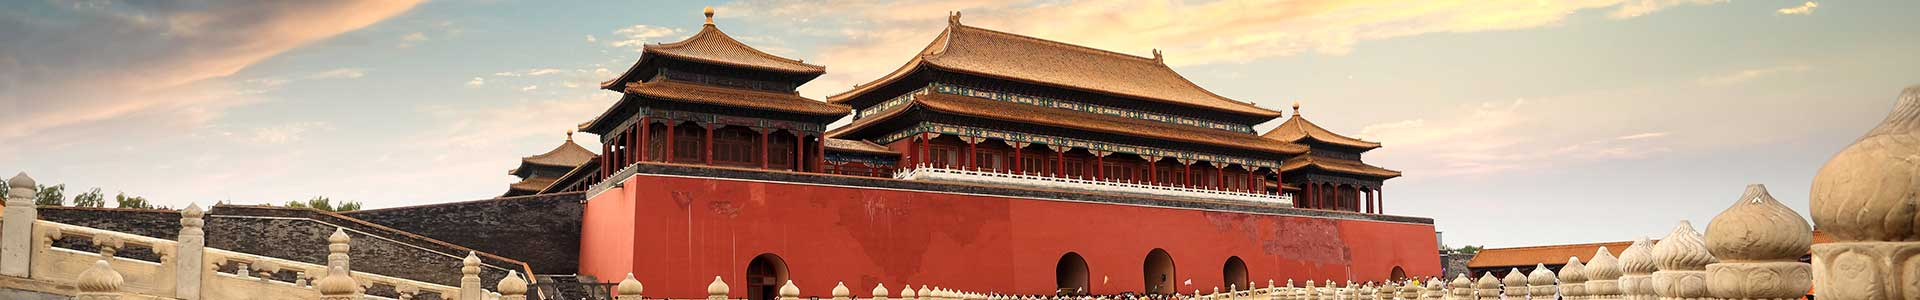 Voyage en Chine - TUI